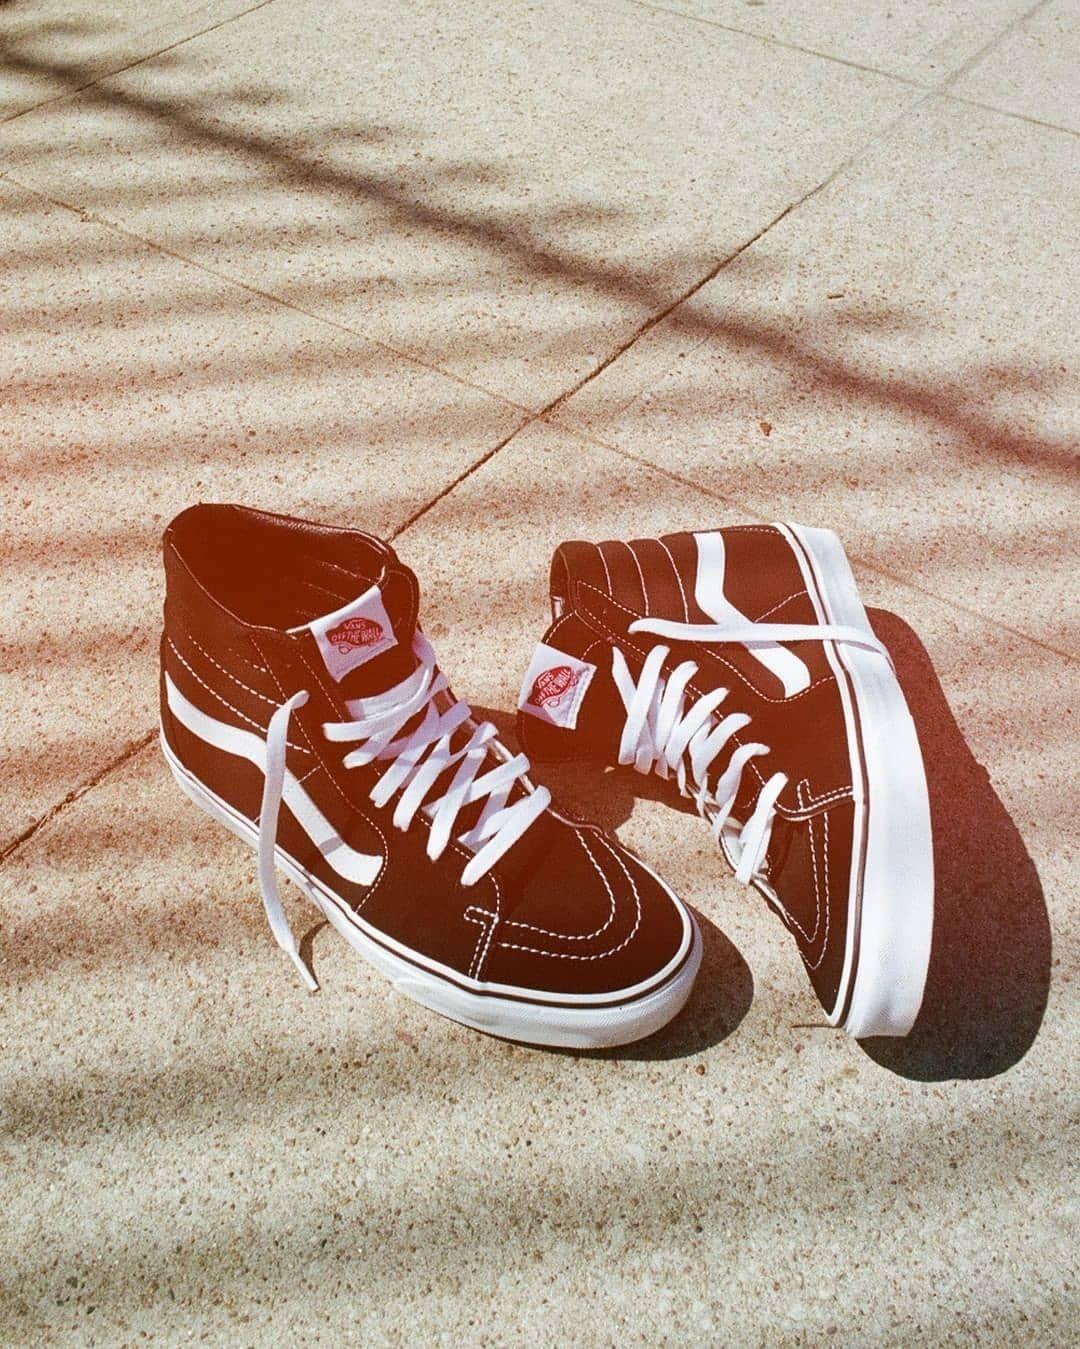 Shop the @vans Sk8-hi Shoes